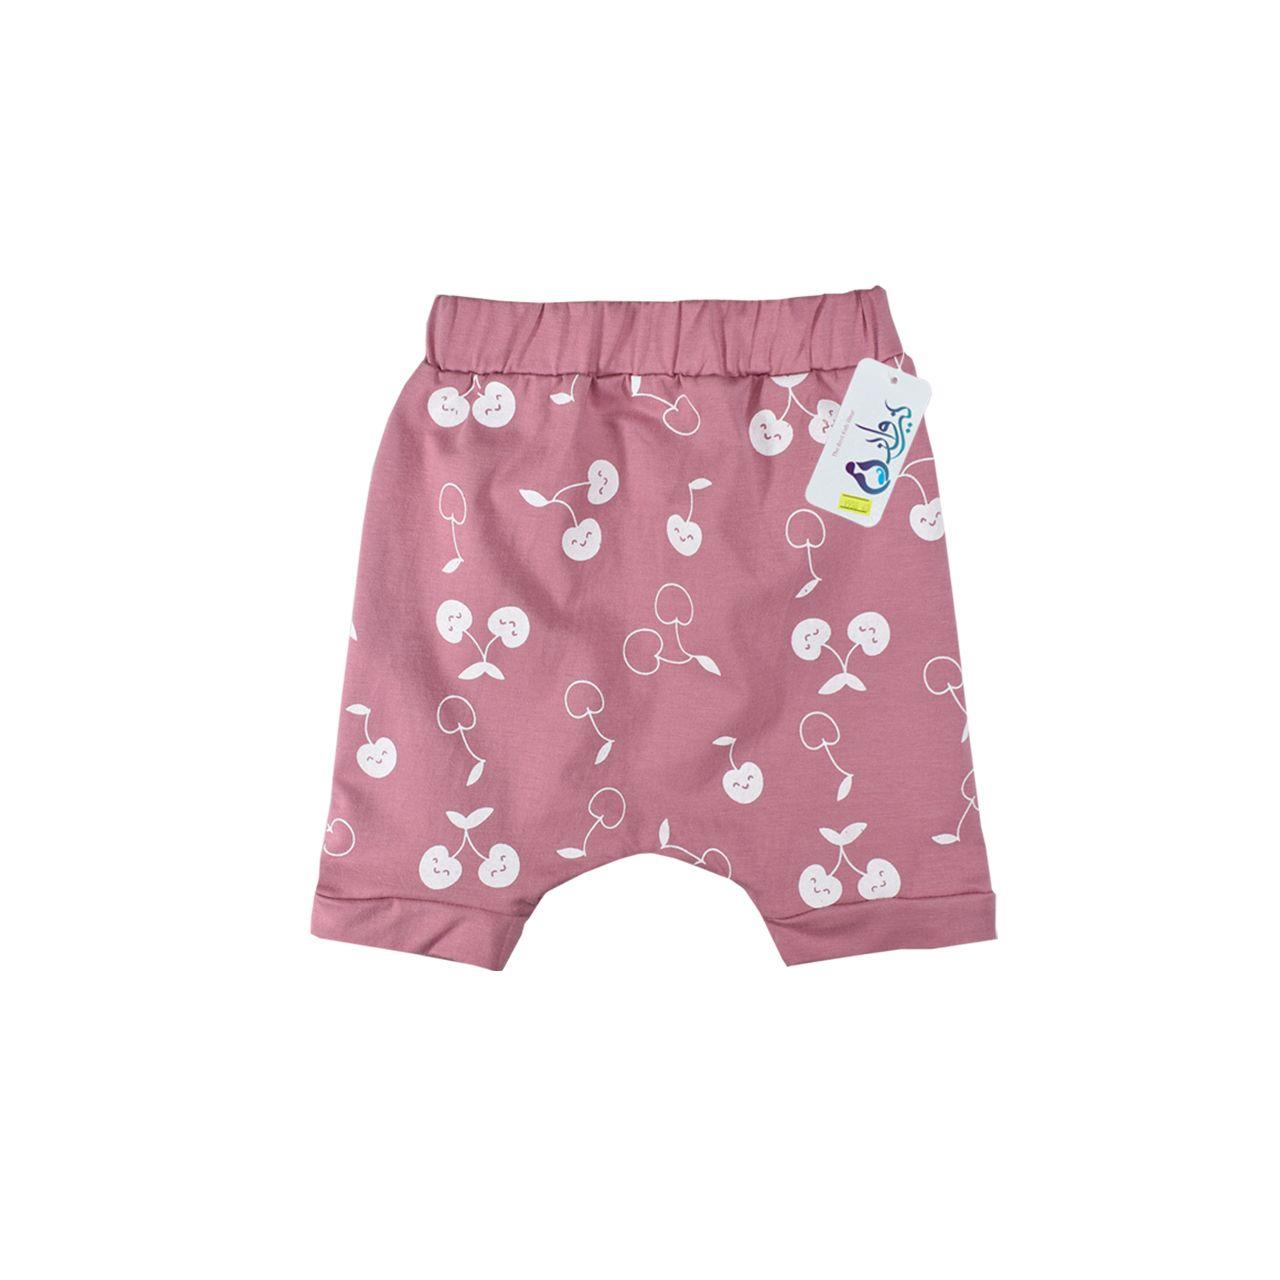 ست تی شرت و شلوارک نوزاد نیروان کد 1706 -2 -  - 3